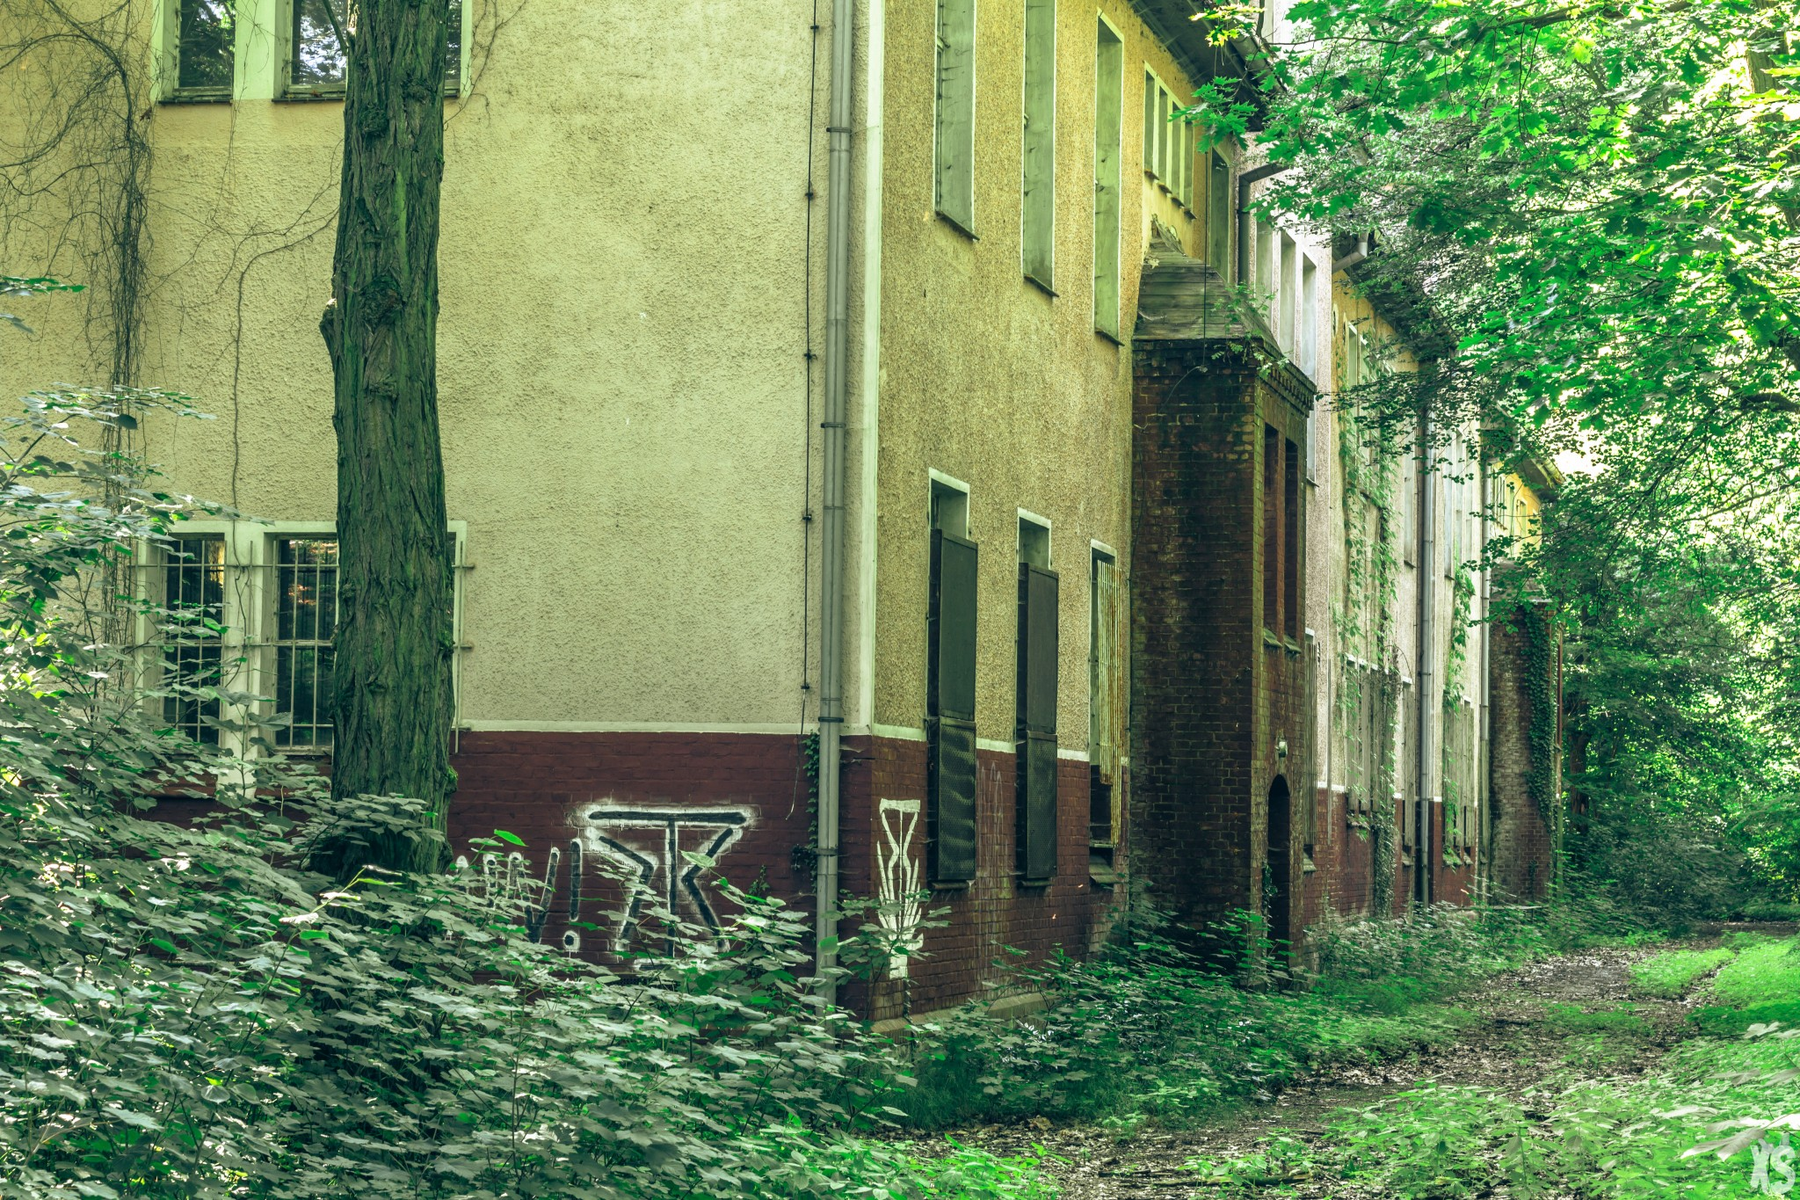 asile-berthold-wehmeyer-28